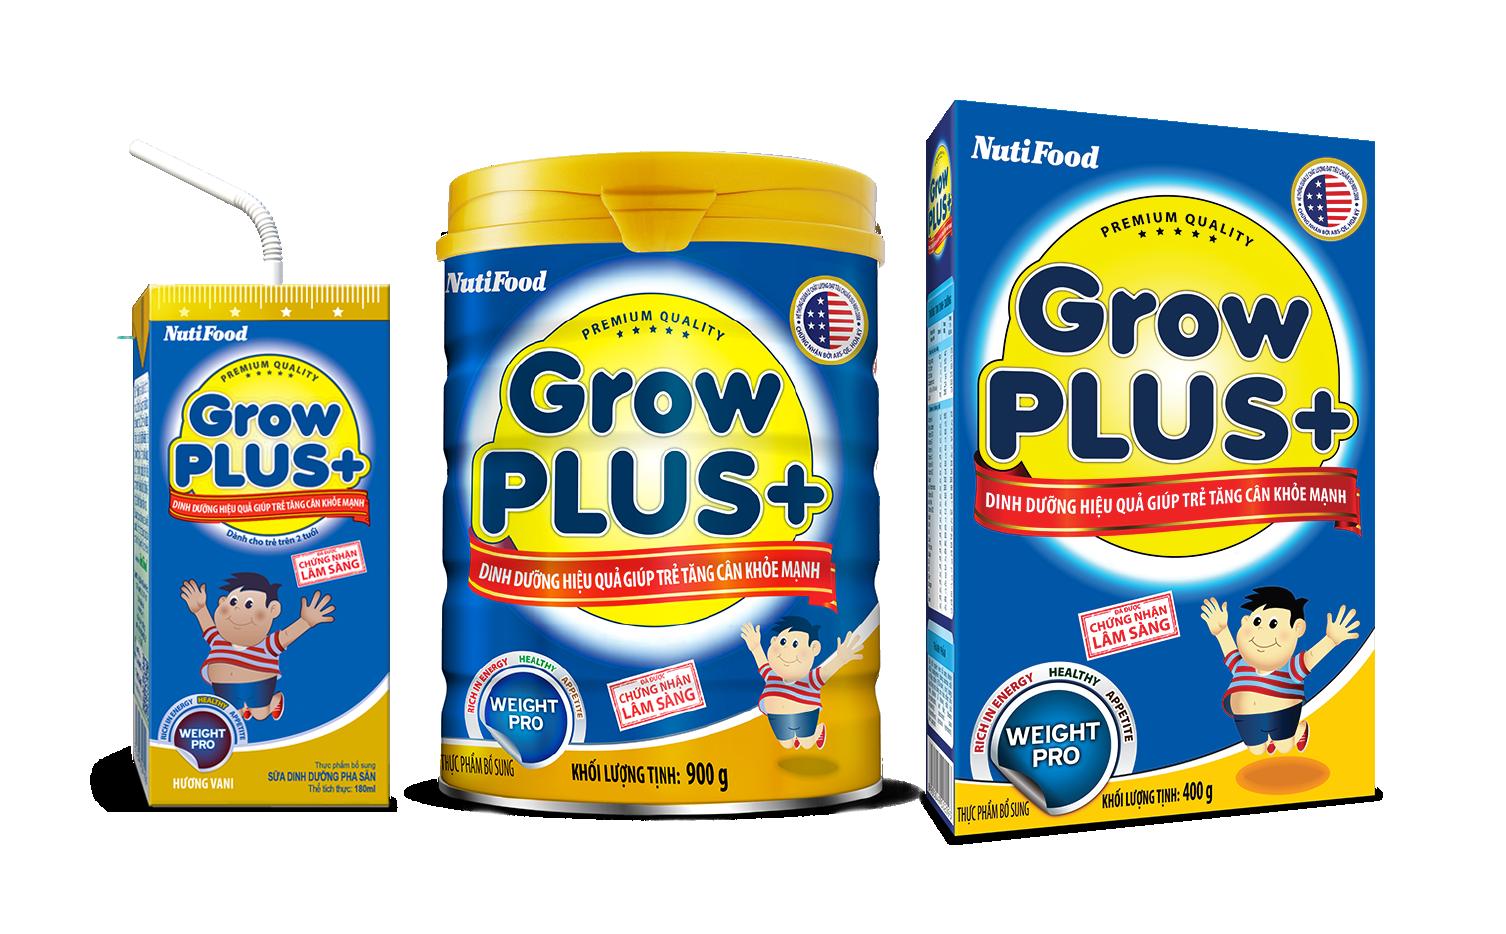 Sữa Growplus+ cho trẻ suy dinh dưỡng, thấp còi